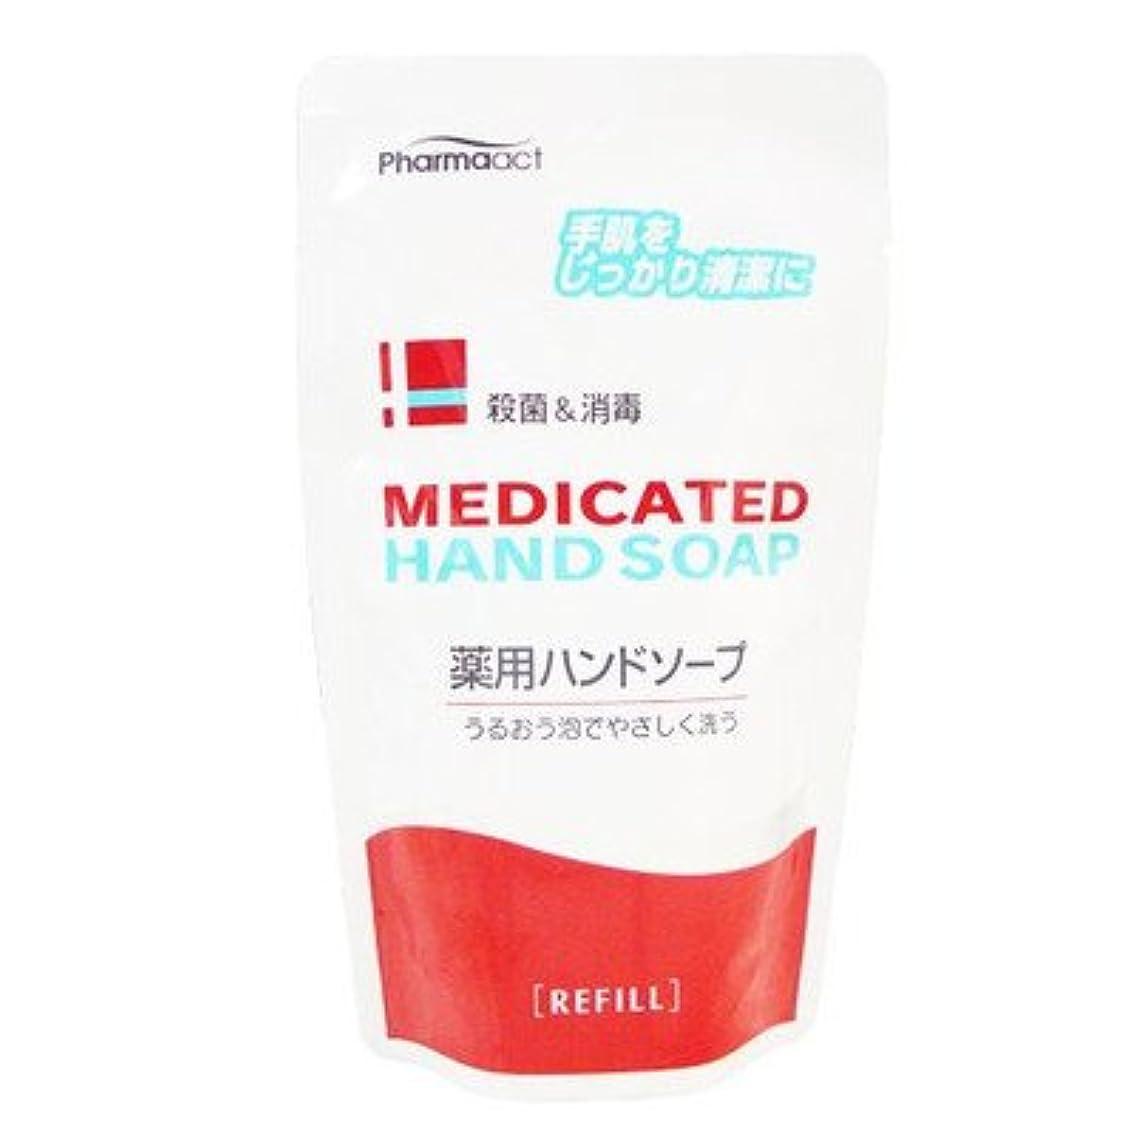 ボーカル応じる重力Medicated 薬用ハンドソープ 殺菌+消毒 200ml【つめかえ用】(医薬部外品)